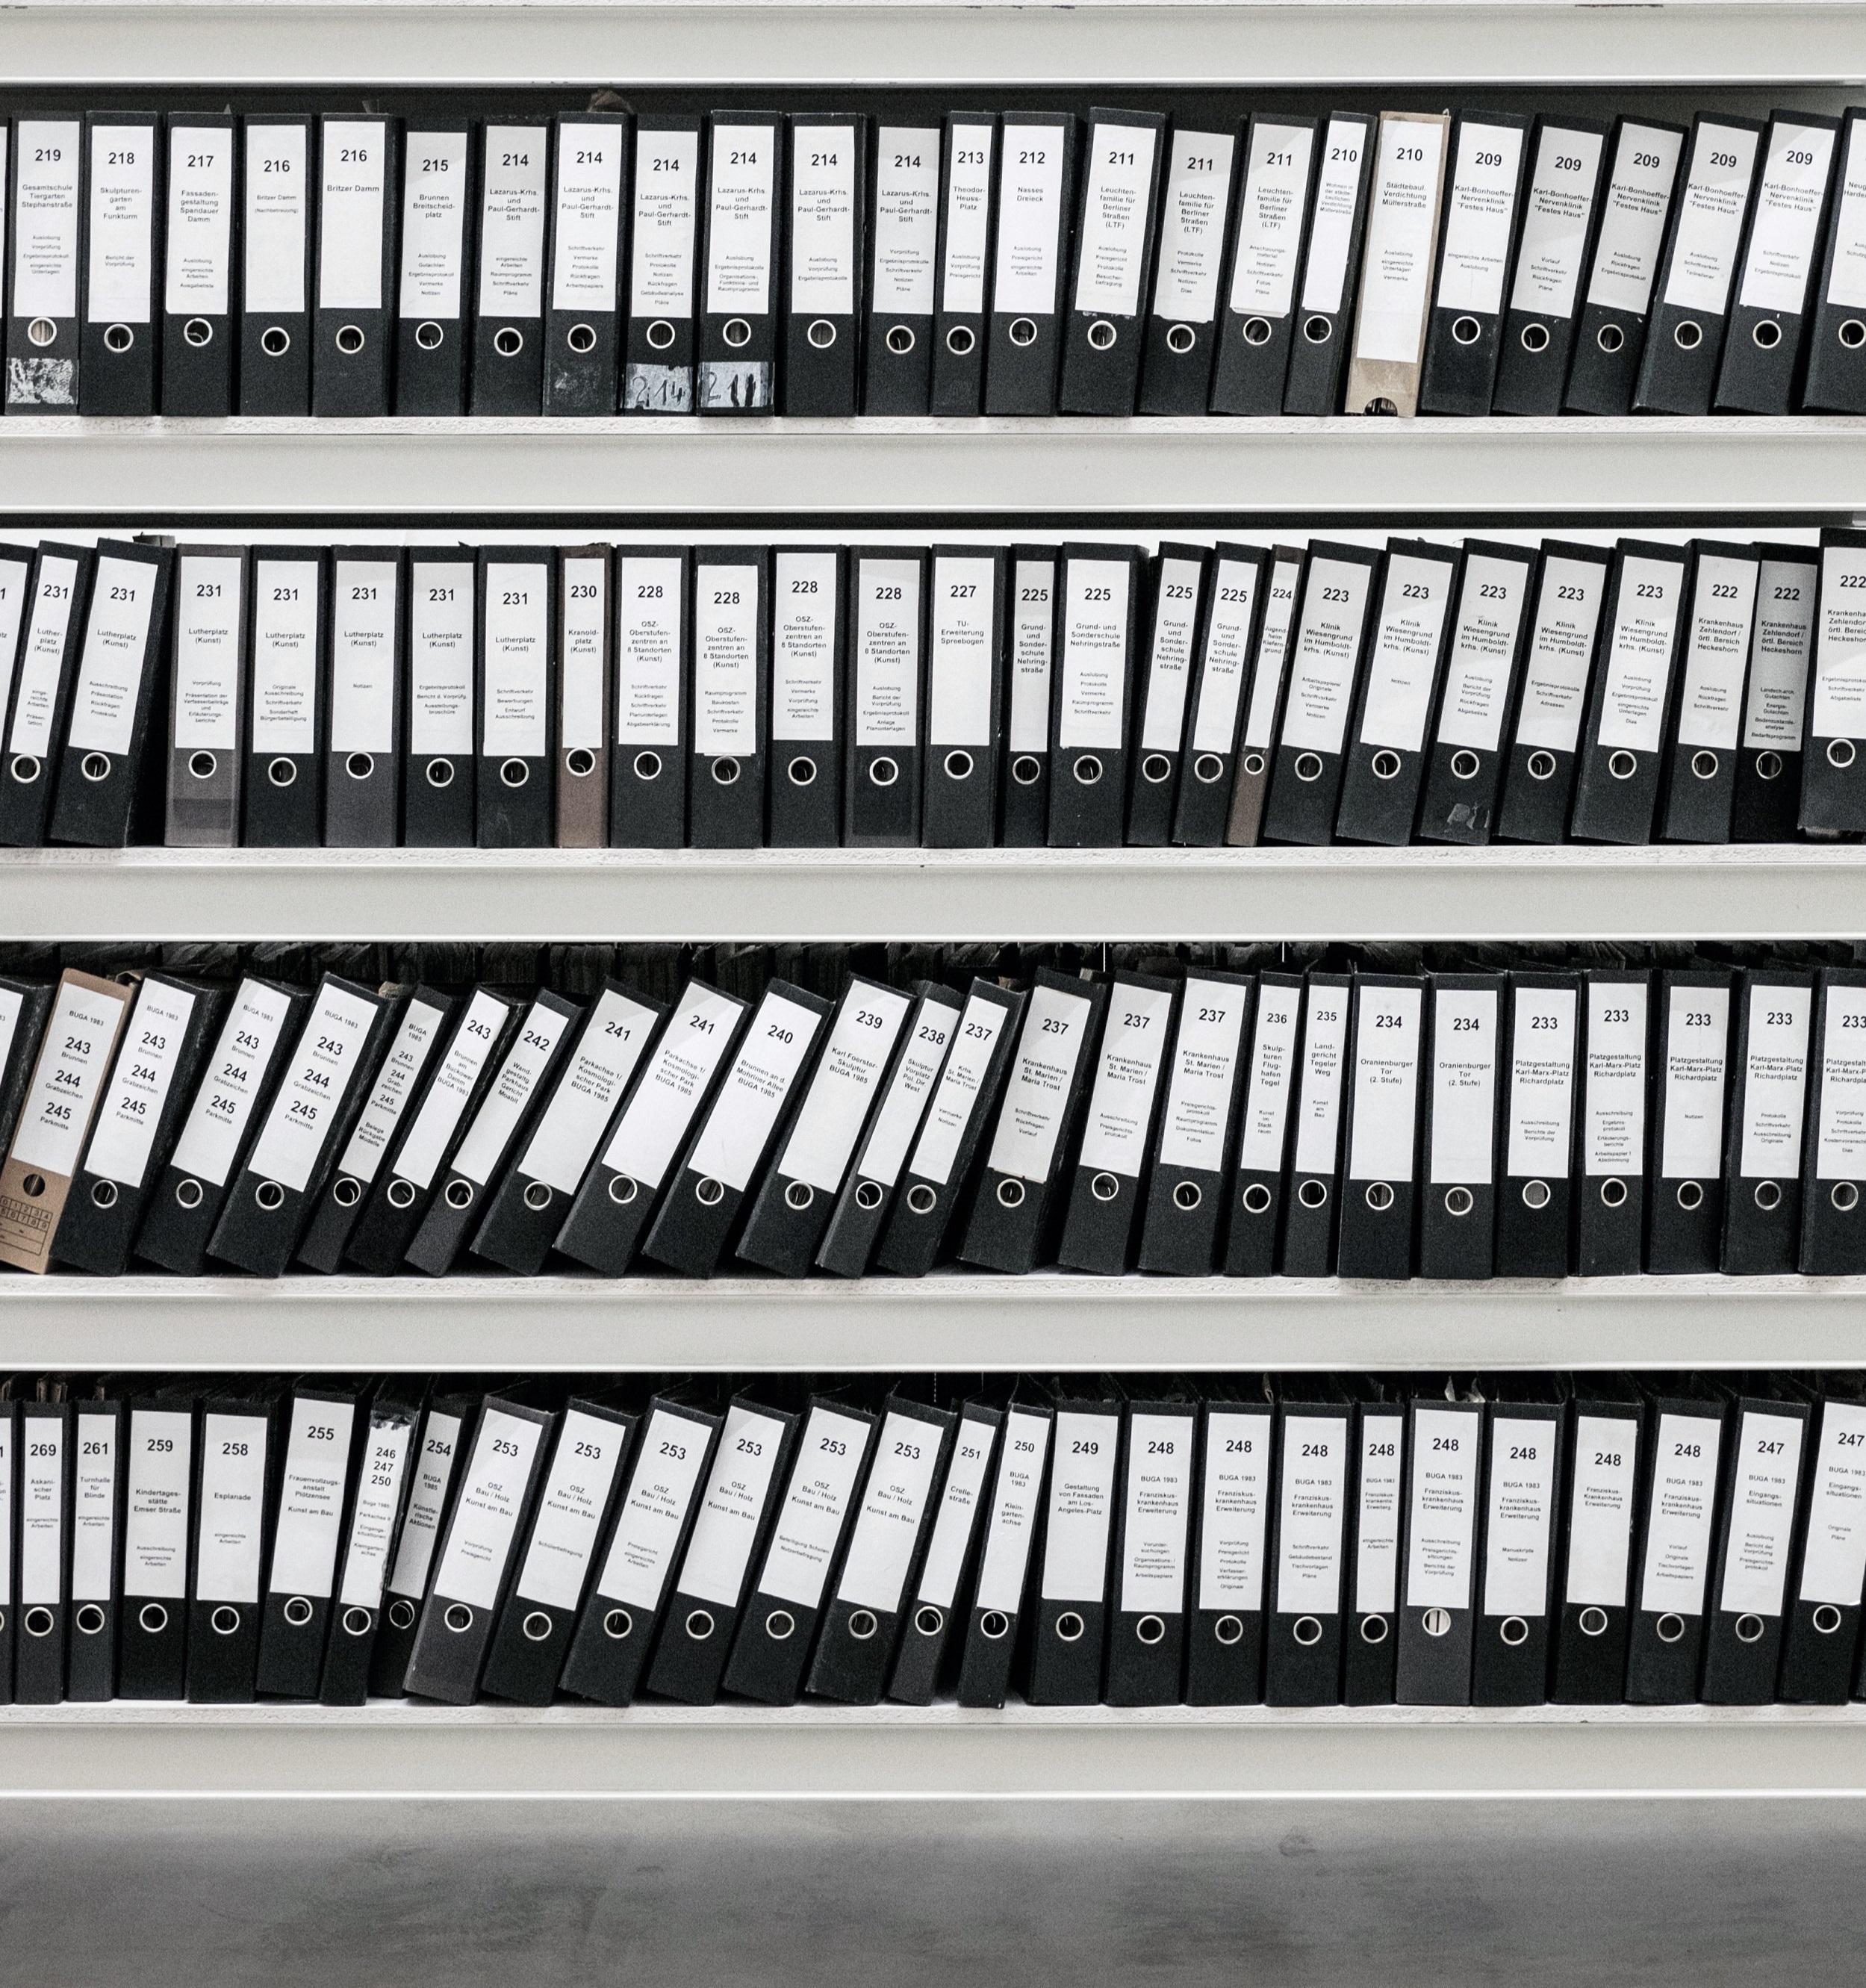 AUDITTRAIL SERVICE - Een apart aan te vragen onderdeel van RDW Services is de Audit Trail.Wij leggen vast welke bevragingen door wie op welk moment dan ook zijn uitgevoerd. Zo kan er bewijs overgedragen worden aan de RDW wanneer zij hier om vraagt tijdens een zogenoemde deelwaarneming.Door het in gebruik nemen van de Audit Trail, wordt het mogelijk om te allen tijde te voldoen aan de richtlijnen van de RDW, die stellen dat de verzekeraar of gevolmachtigde aan moet kunnen tonen dat de informatie gewonnen is met schadeafwikkeling als doel.